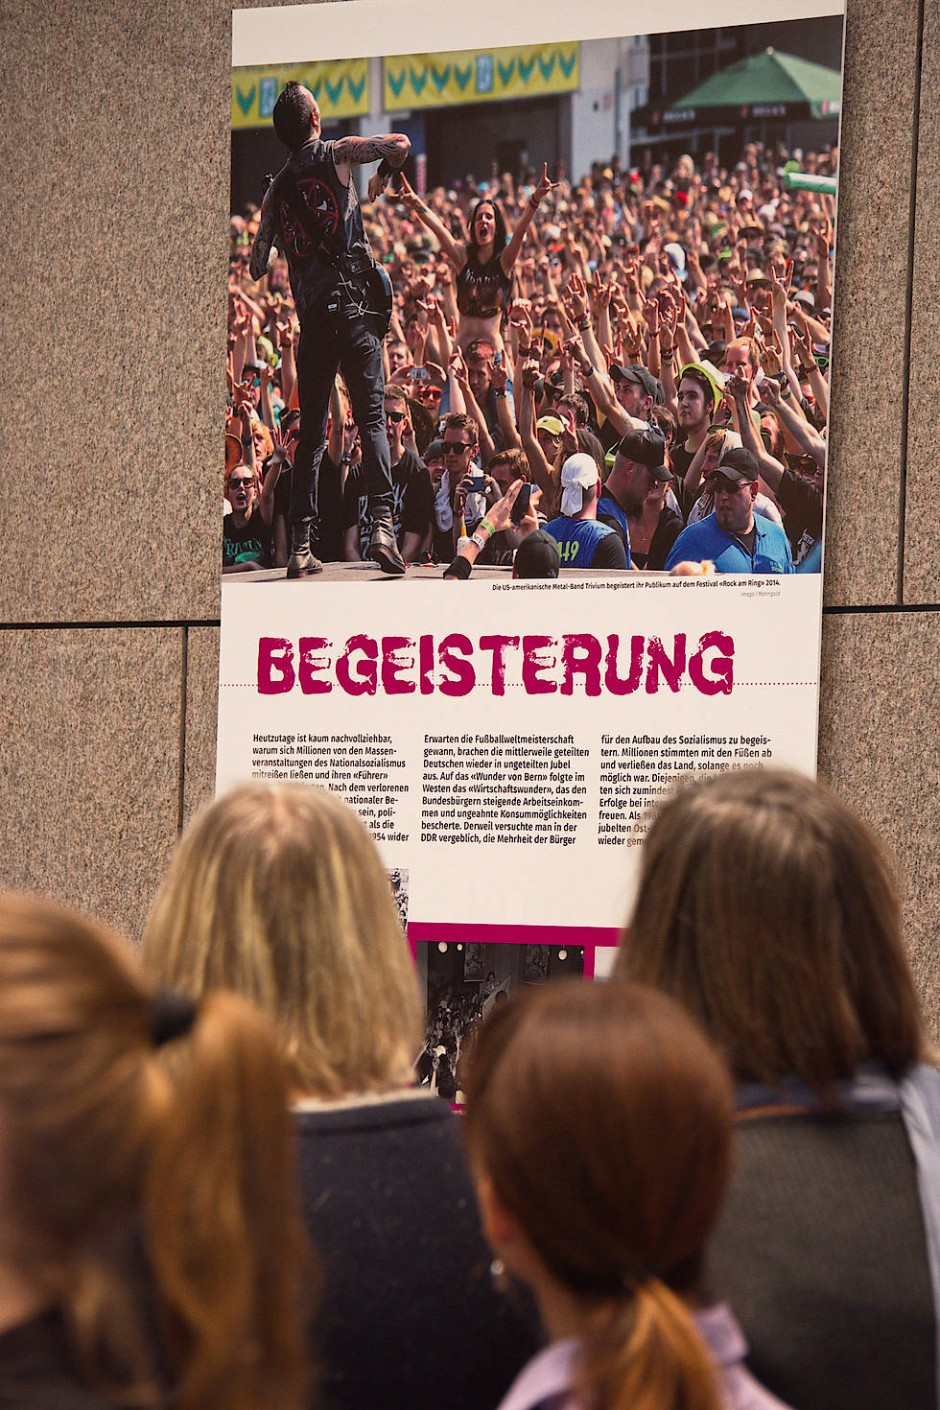 """Emotionen auf Plakat: """"Wut"""" und """"Angst"""" dominieren den Blick auf die gesellschaftliche Entwicklung in Deutschland."""